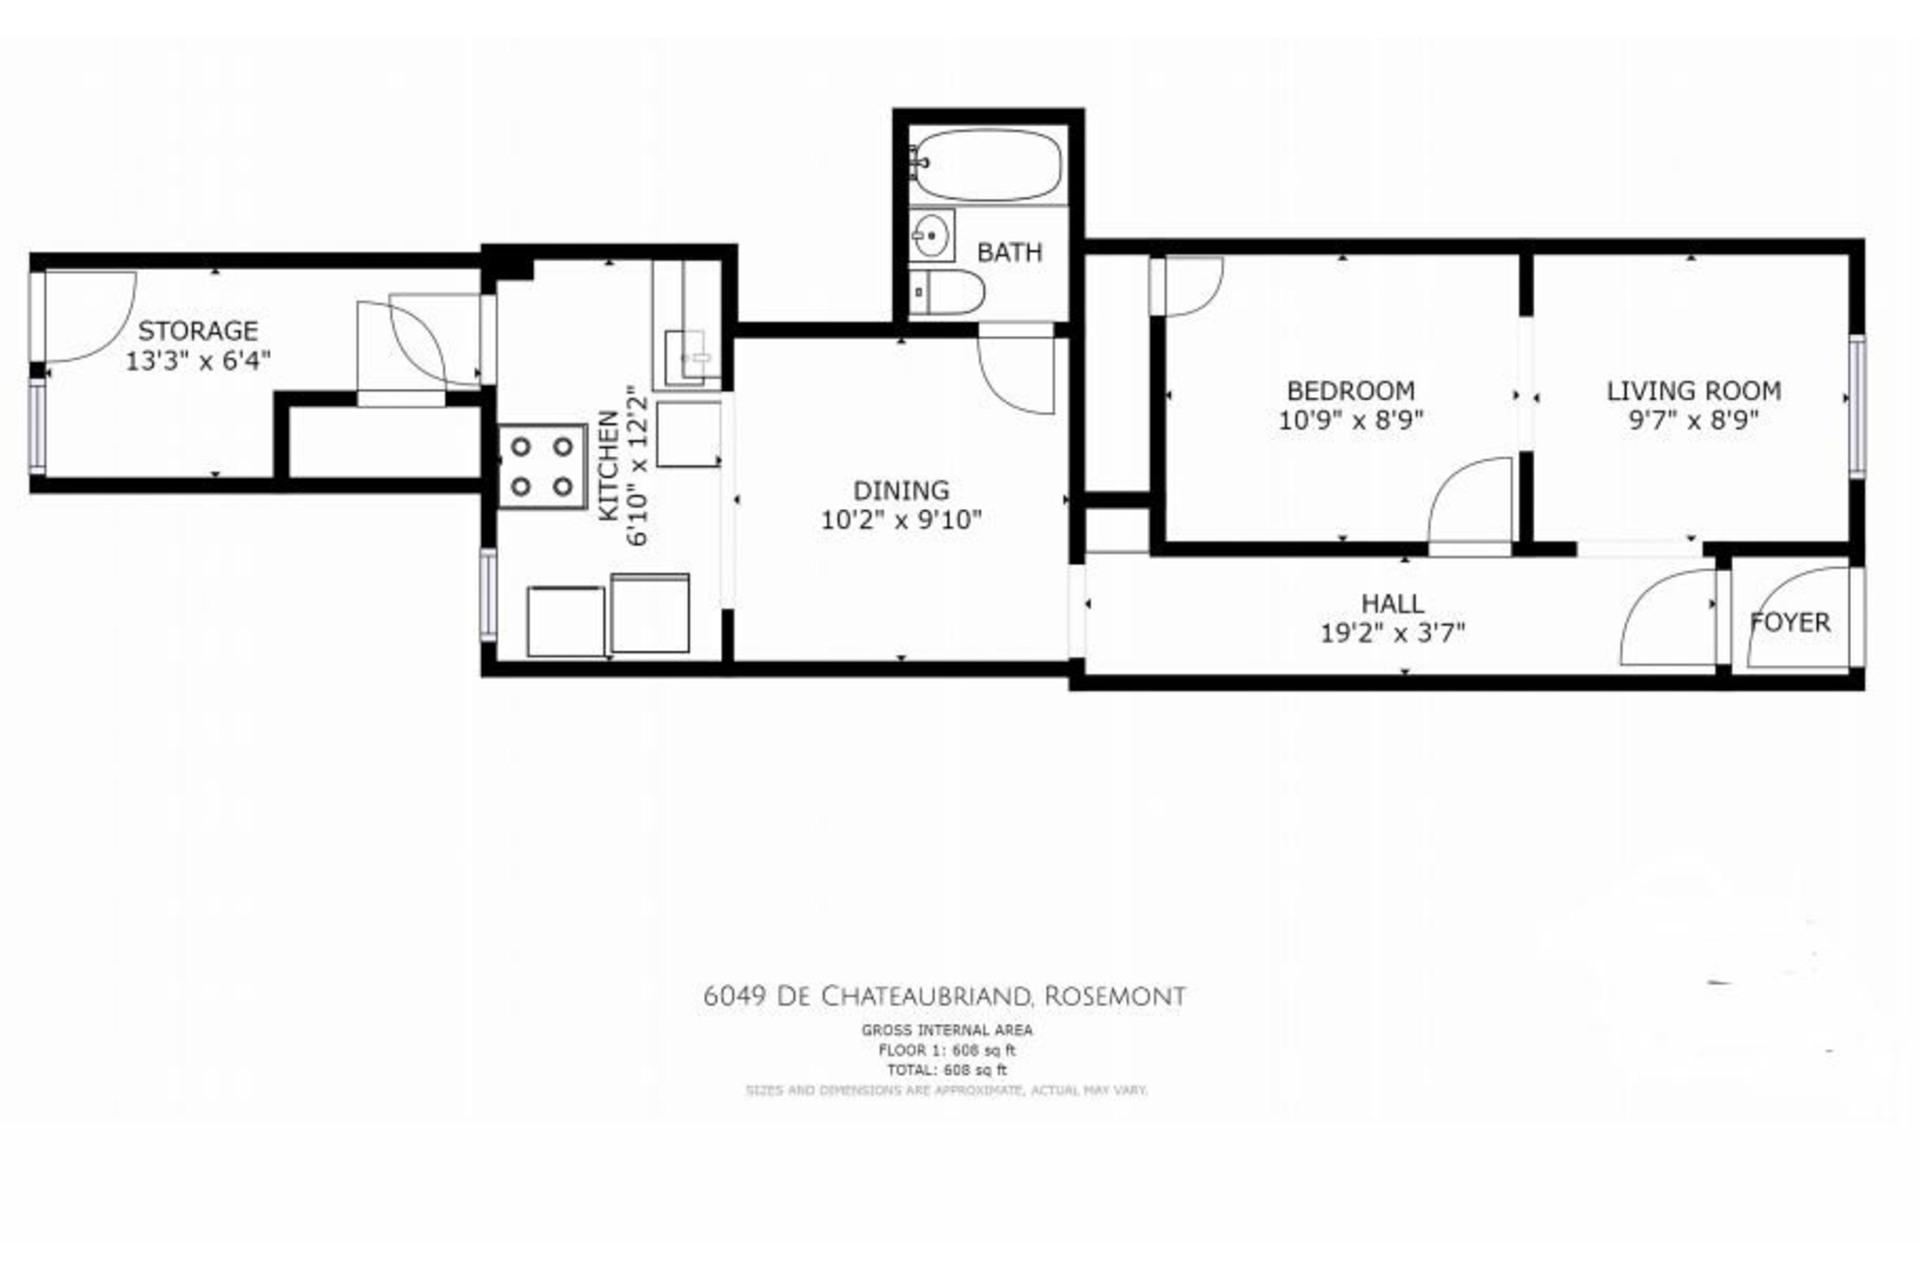 image 21 - Duplex À vendre Rosemont/La Petite-Patrie Montréal  - 4 pièces